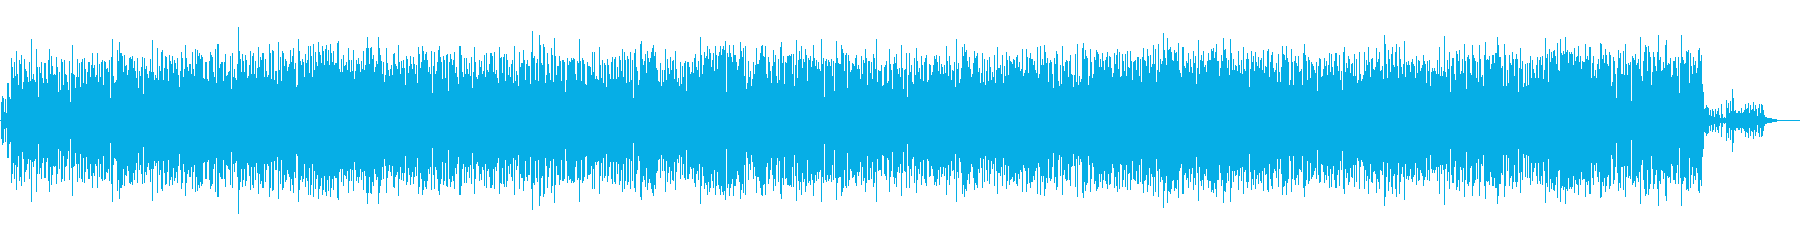 ポップファンクリッチプレゼント、ワ...の再生済みの波形